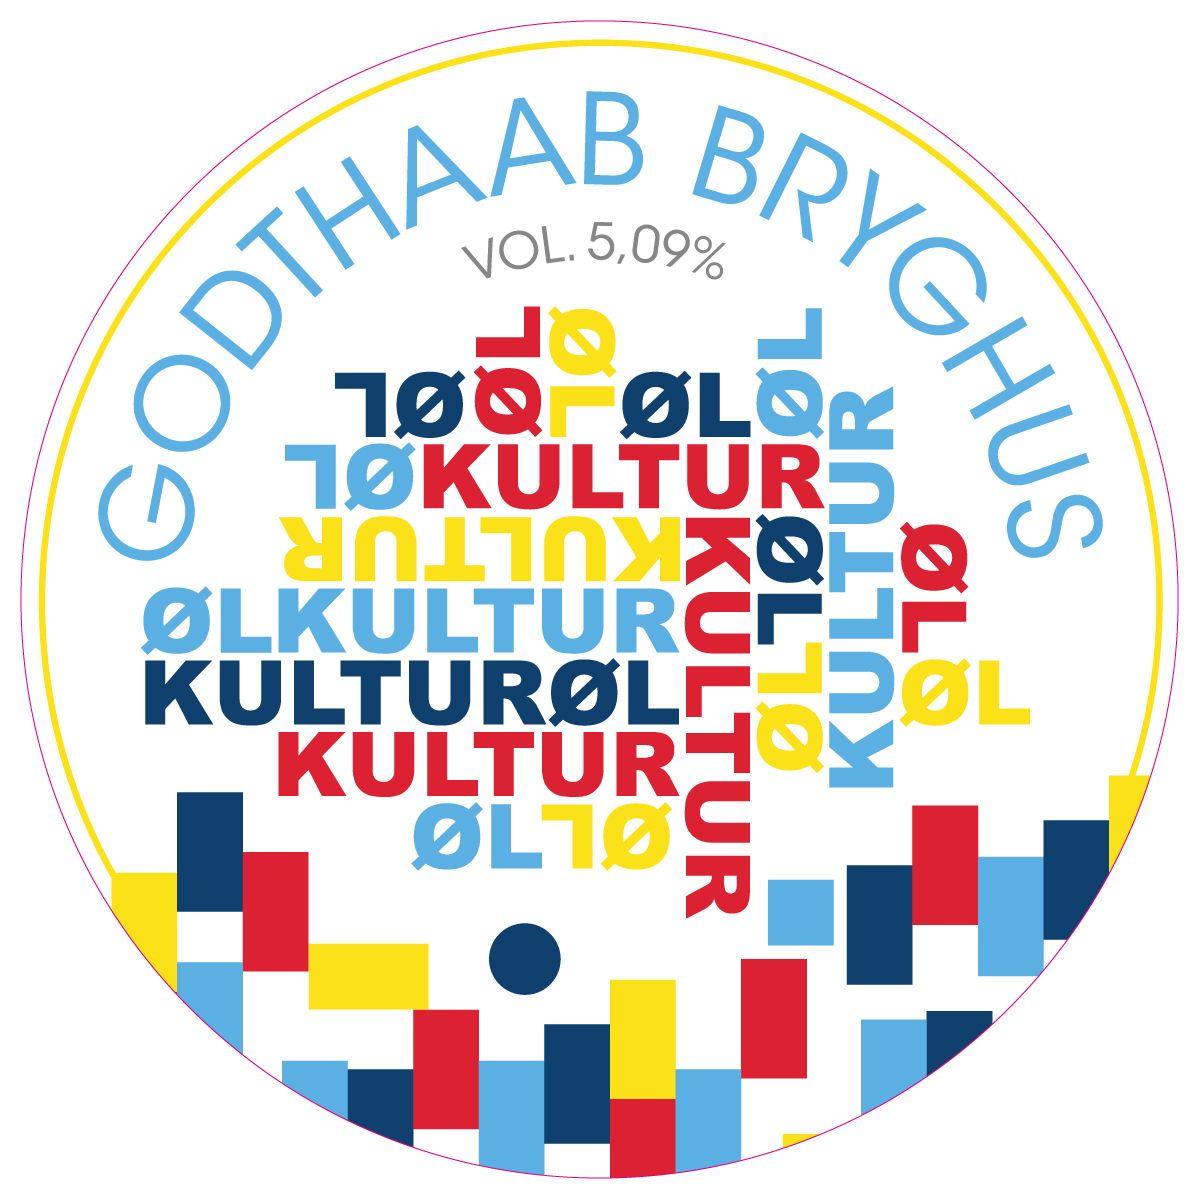 Nuuk Nordisk Kulturfestival label